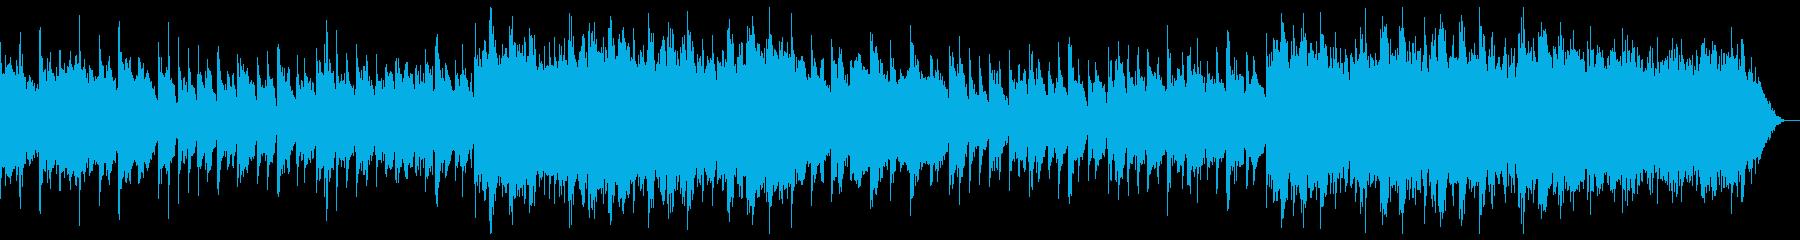 ギターの爽やかで感動的なチルシンフォ。の再生済みの波形